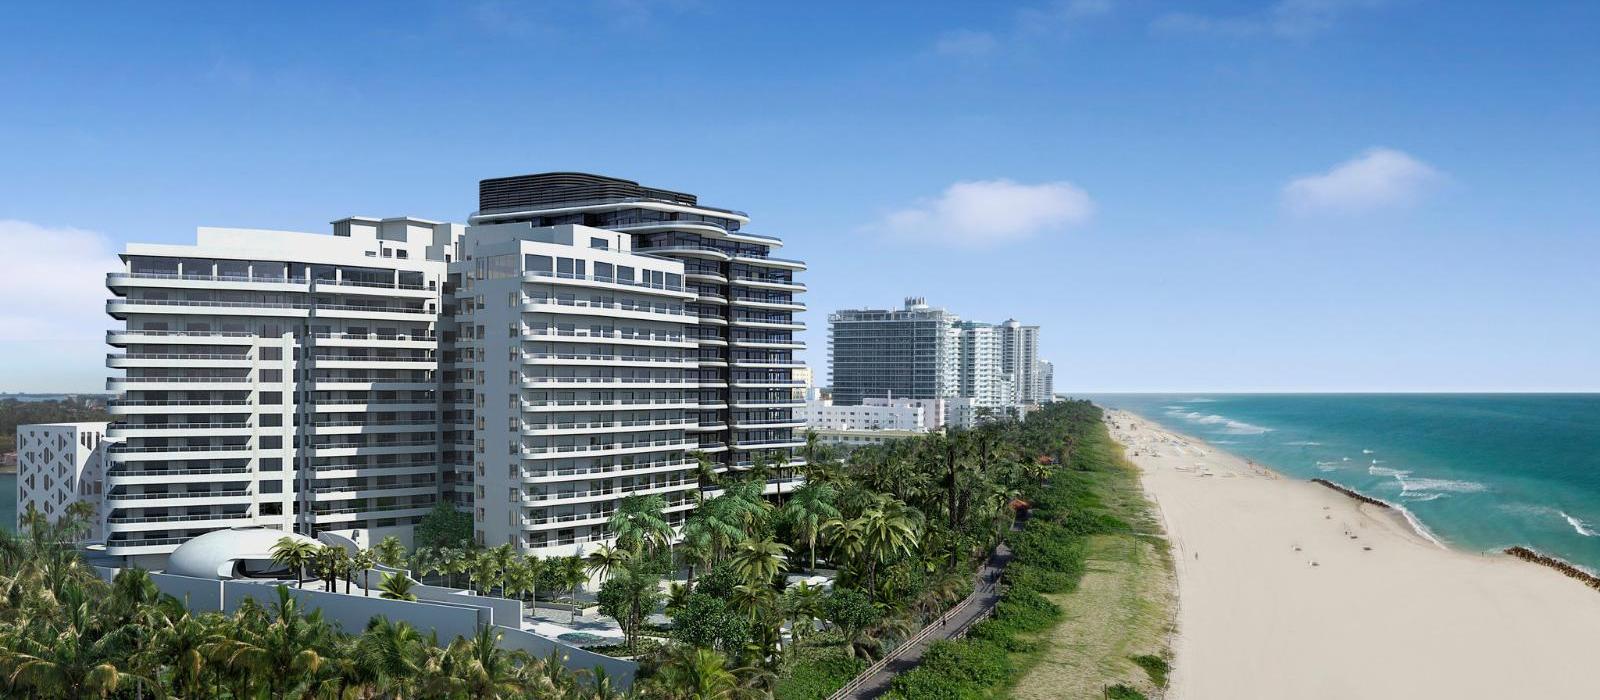 迈阿密海滩法恩纳酒店(Faena Hotel Miami Beach) 图片  www.lhw.cn